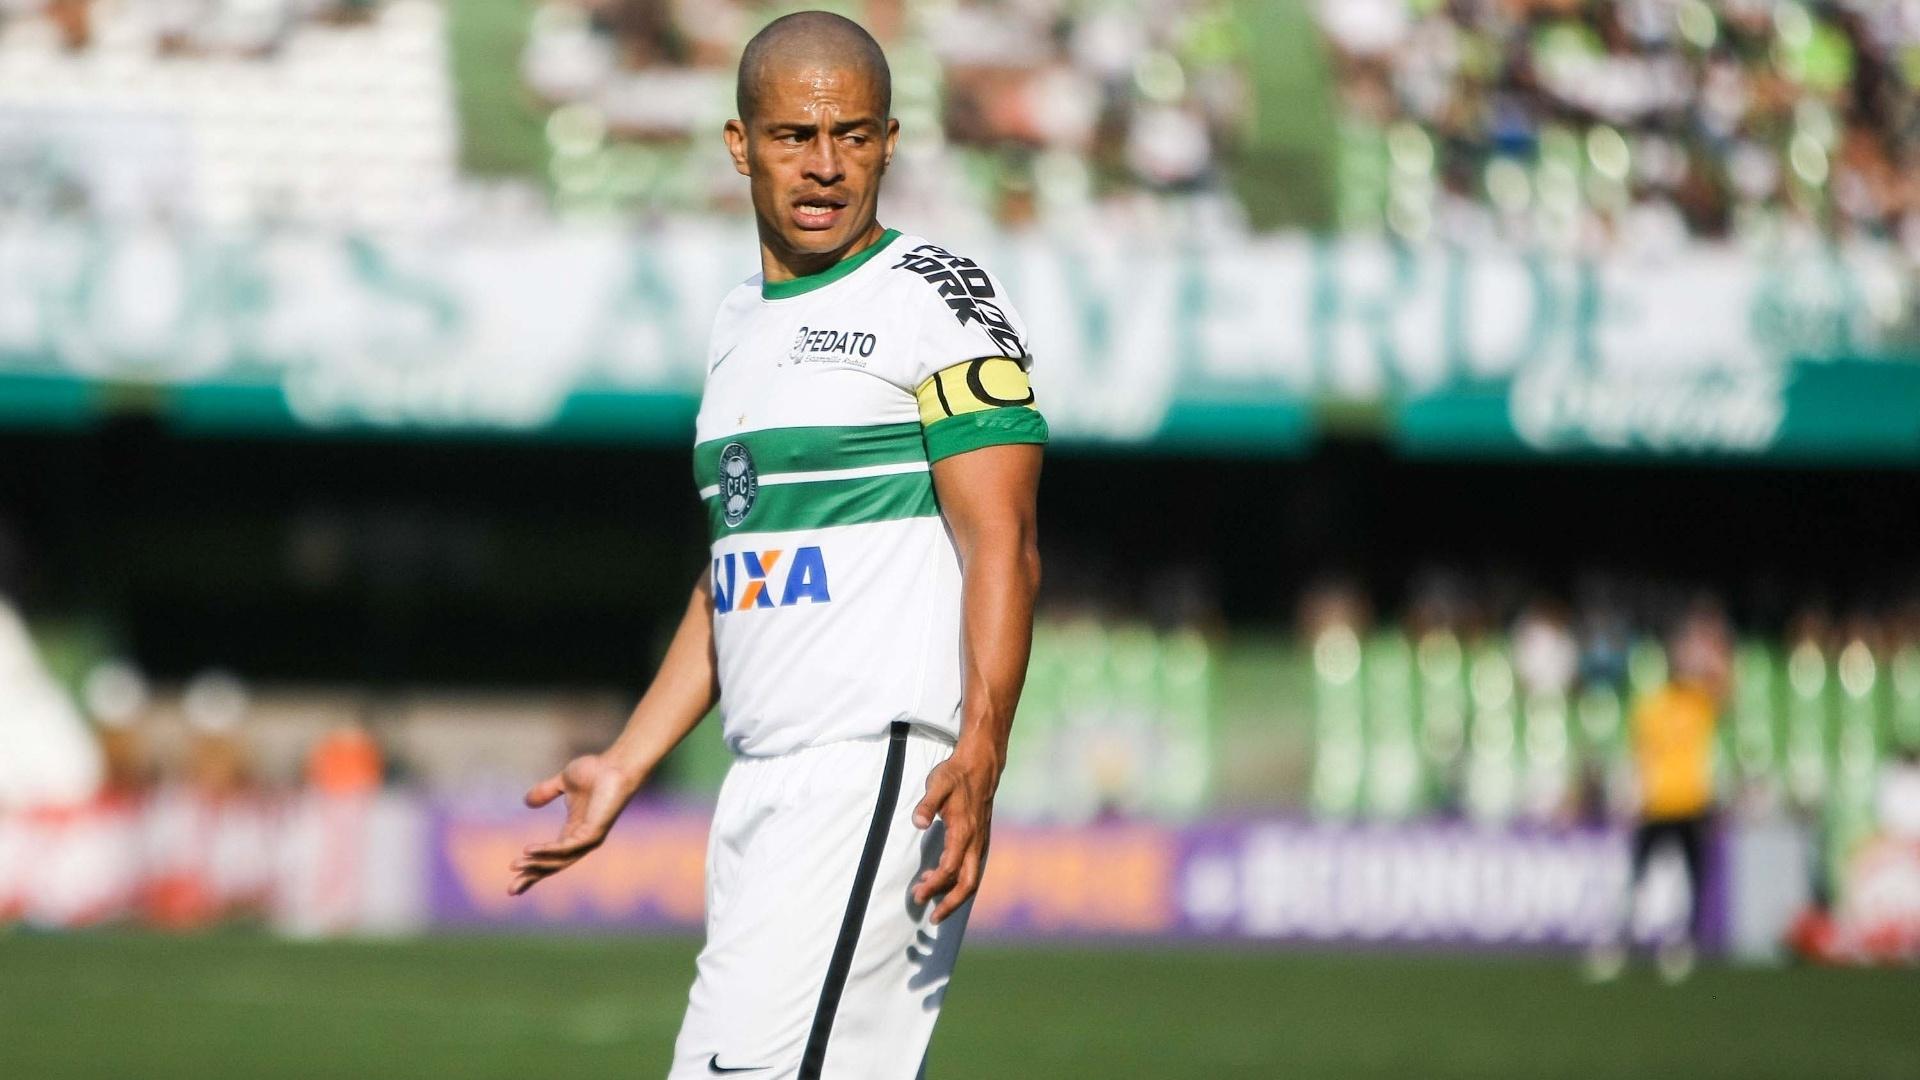 Alex gesticula durante empate do Coritiba contra o Bahia, no Couto Pereira, pelo Brasileirão